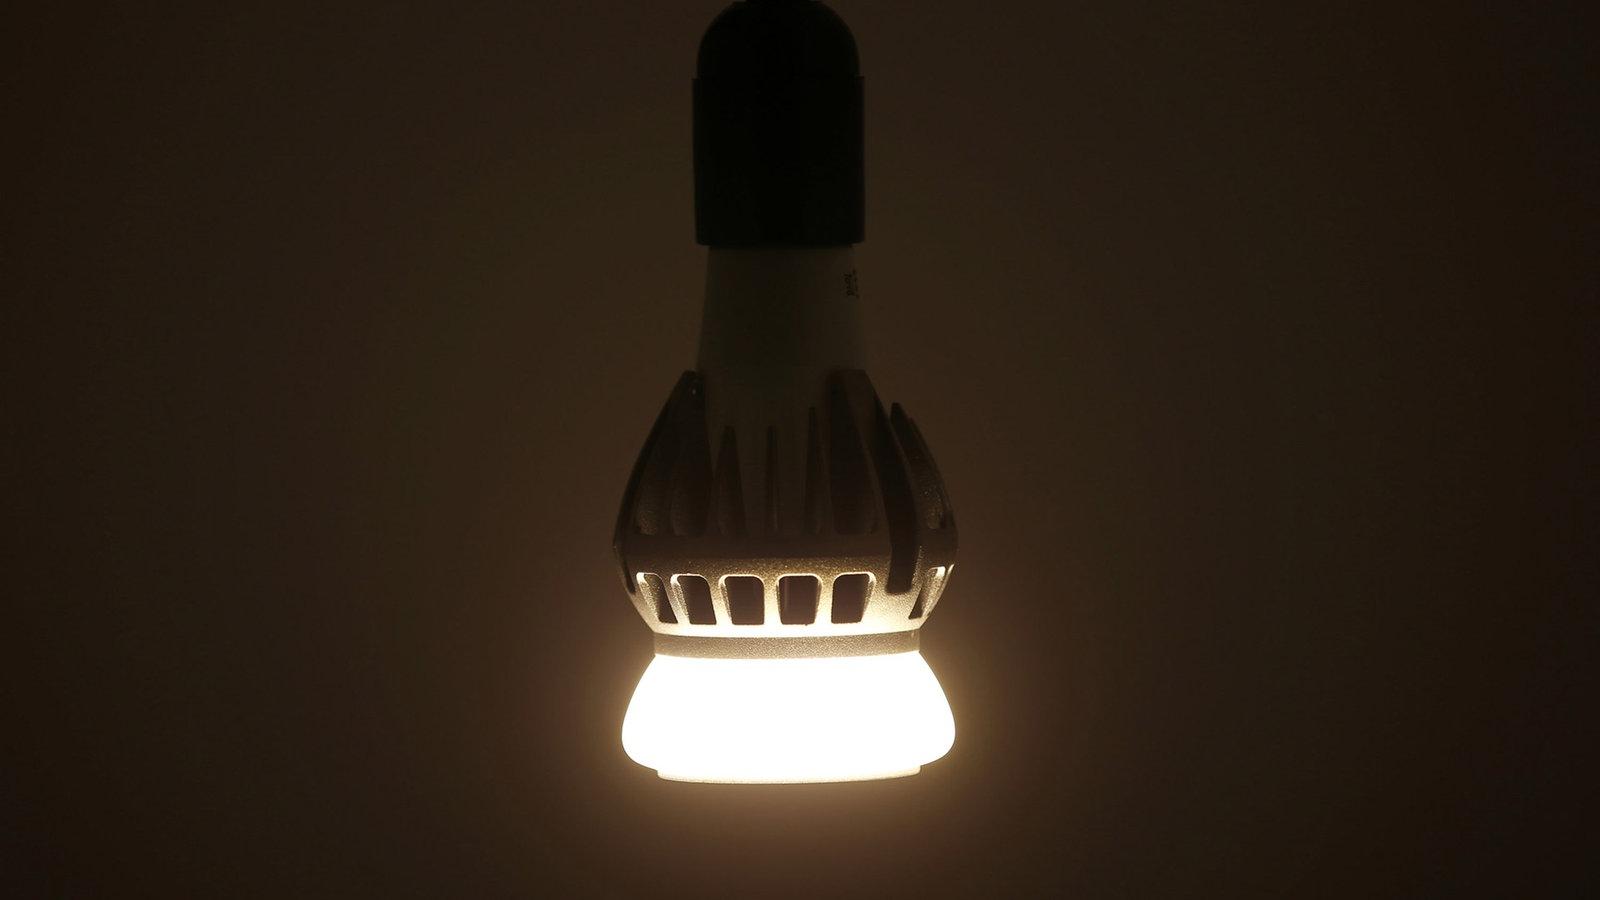 led lampen kobilanz stimmt wenn sie austauschbar sind wohnen verbraucher wdr. Black Bedroom Furniture Sets. Home Design Ideas